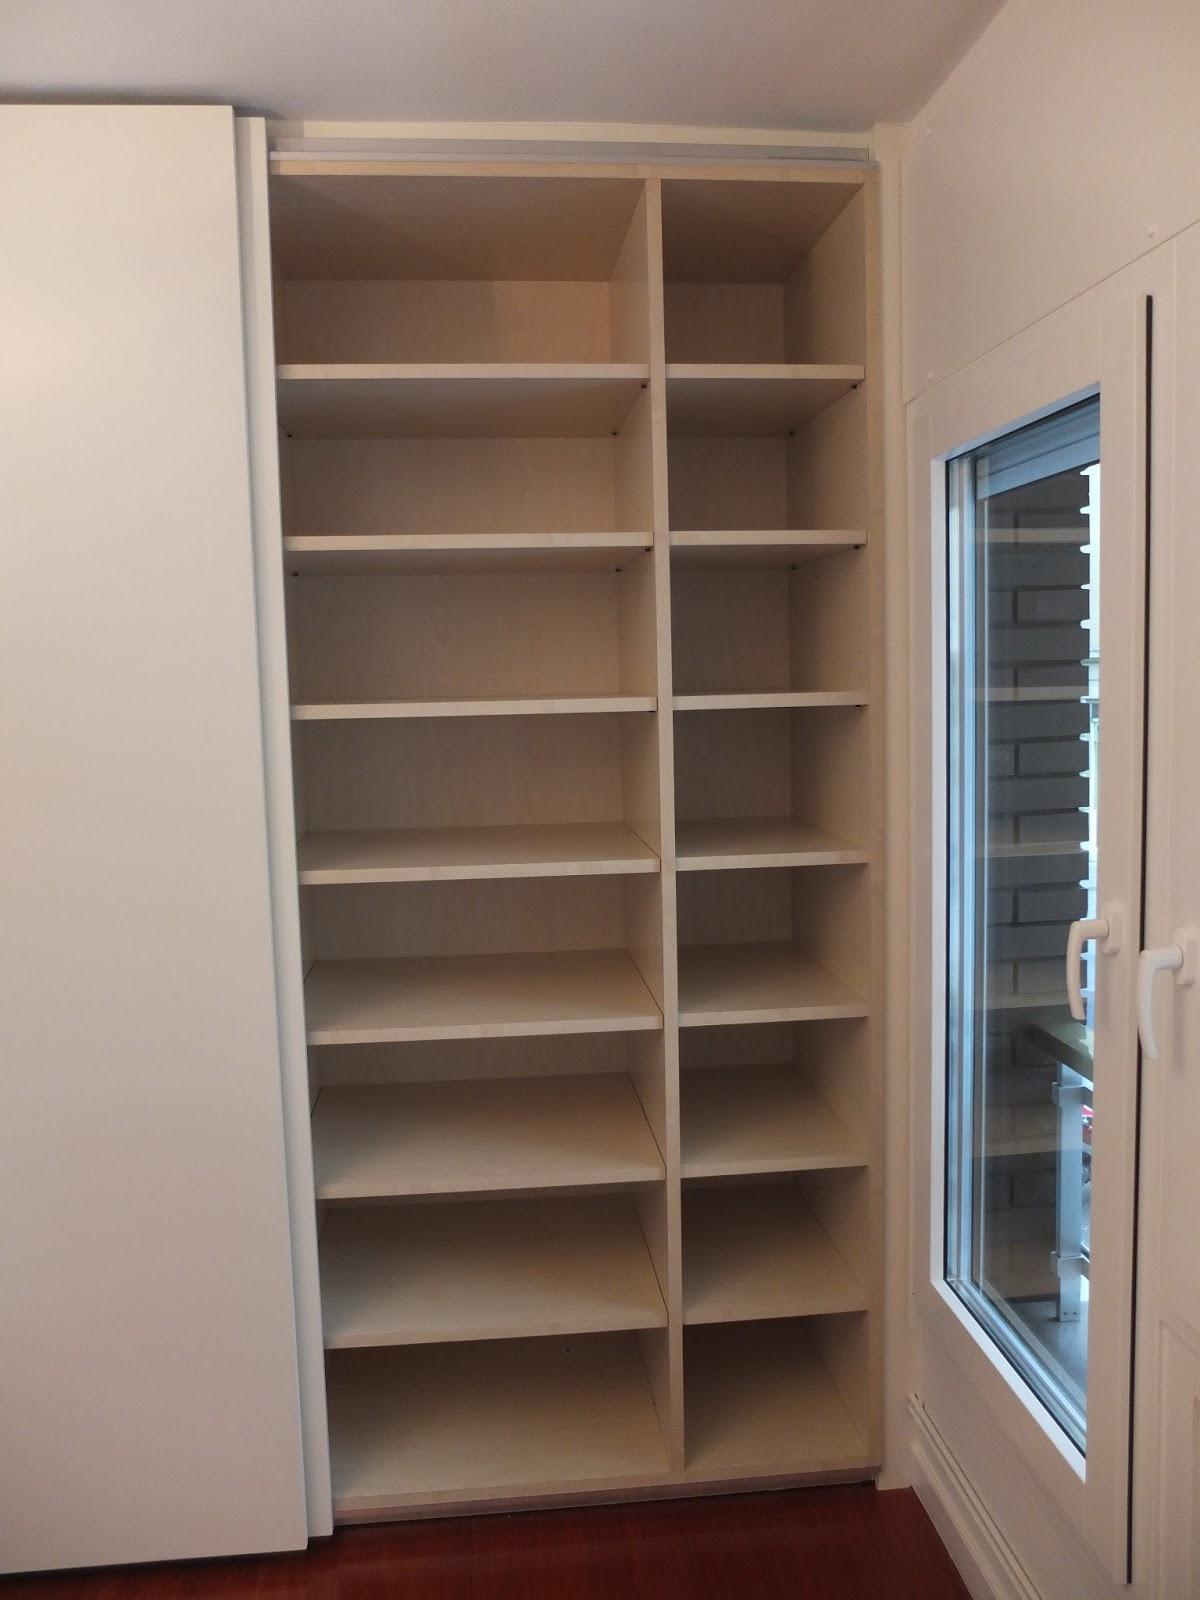 Opemho sl armario empotrado de puertas correderas - Puerta corredera armario empotrado ...